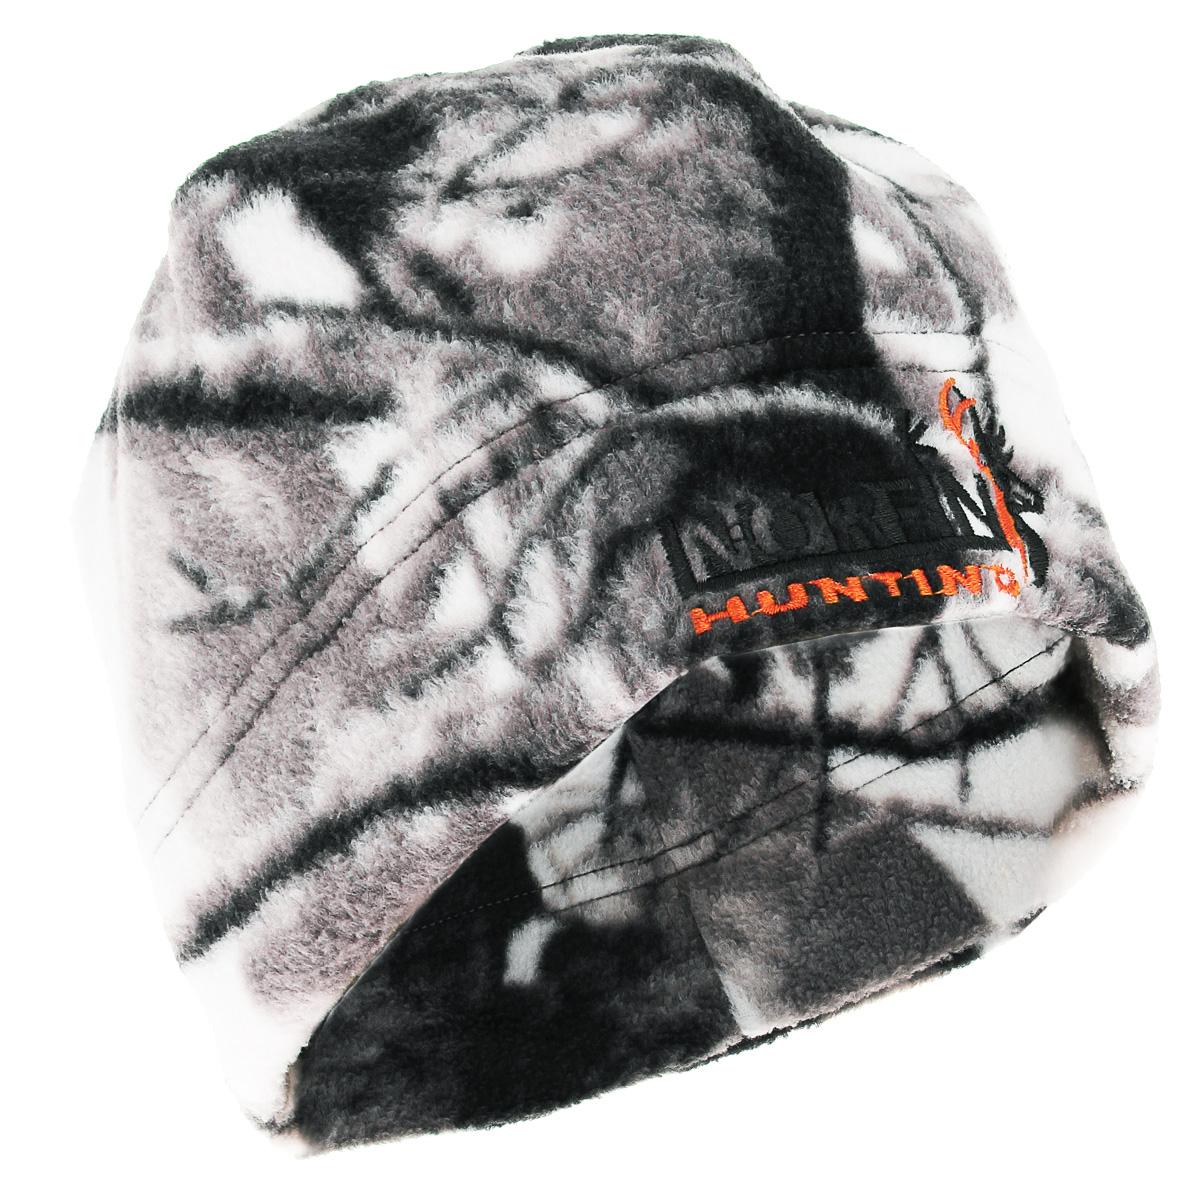 Шапка751-WТеплая шапка Norfin - отличная модель для холодной погоды. Это стильная и износостойкая шапка выполнена из флиса и оформлена вышитым логотипом бренда.